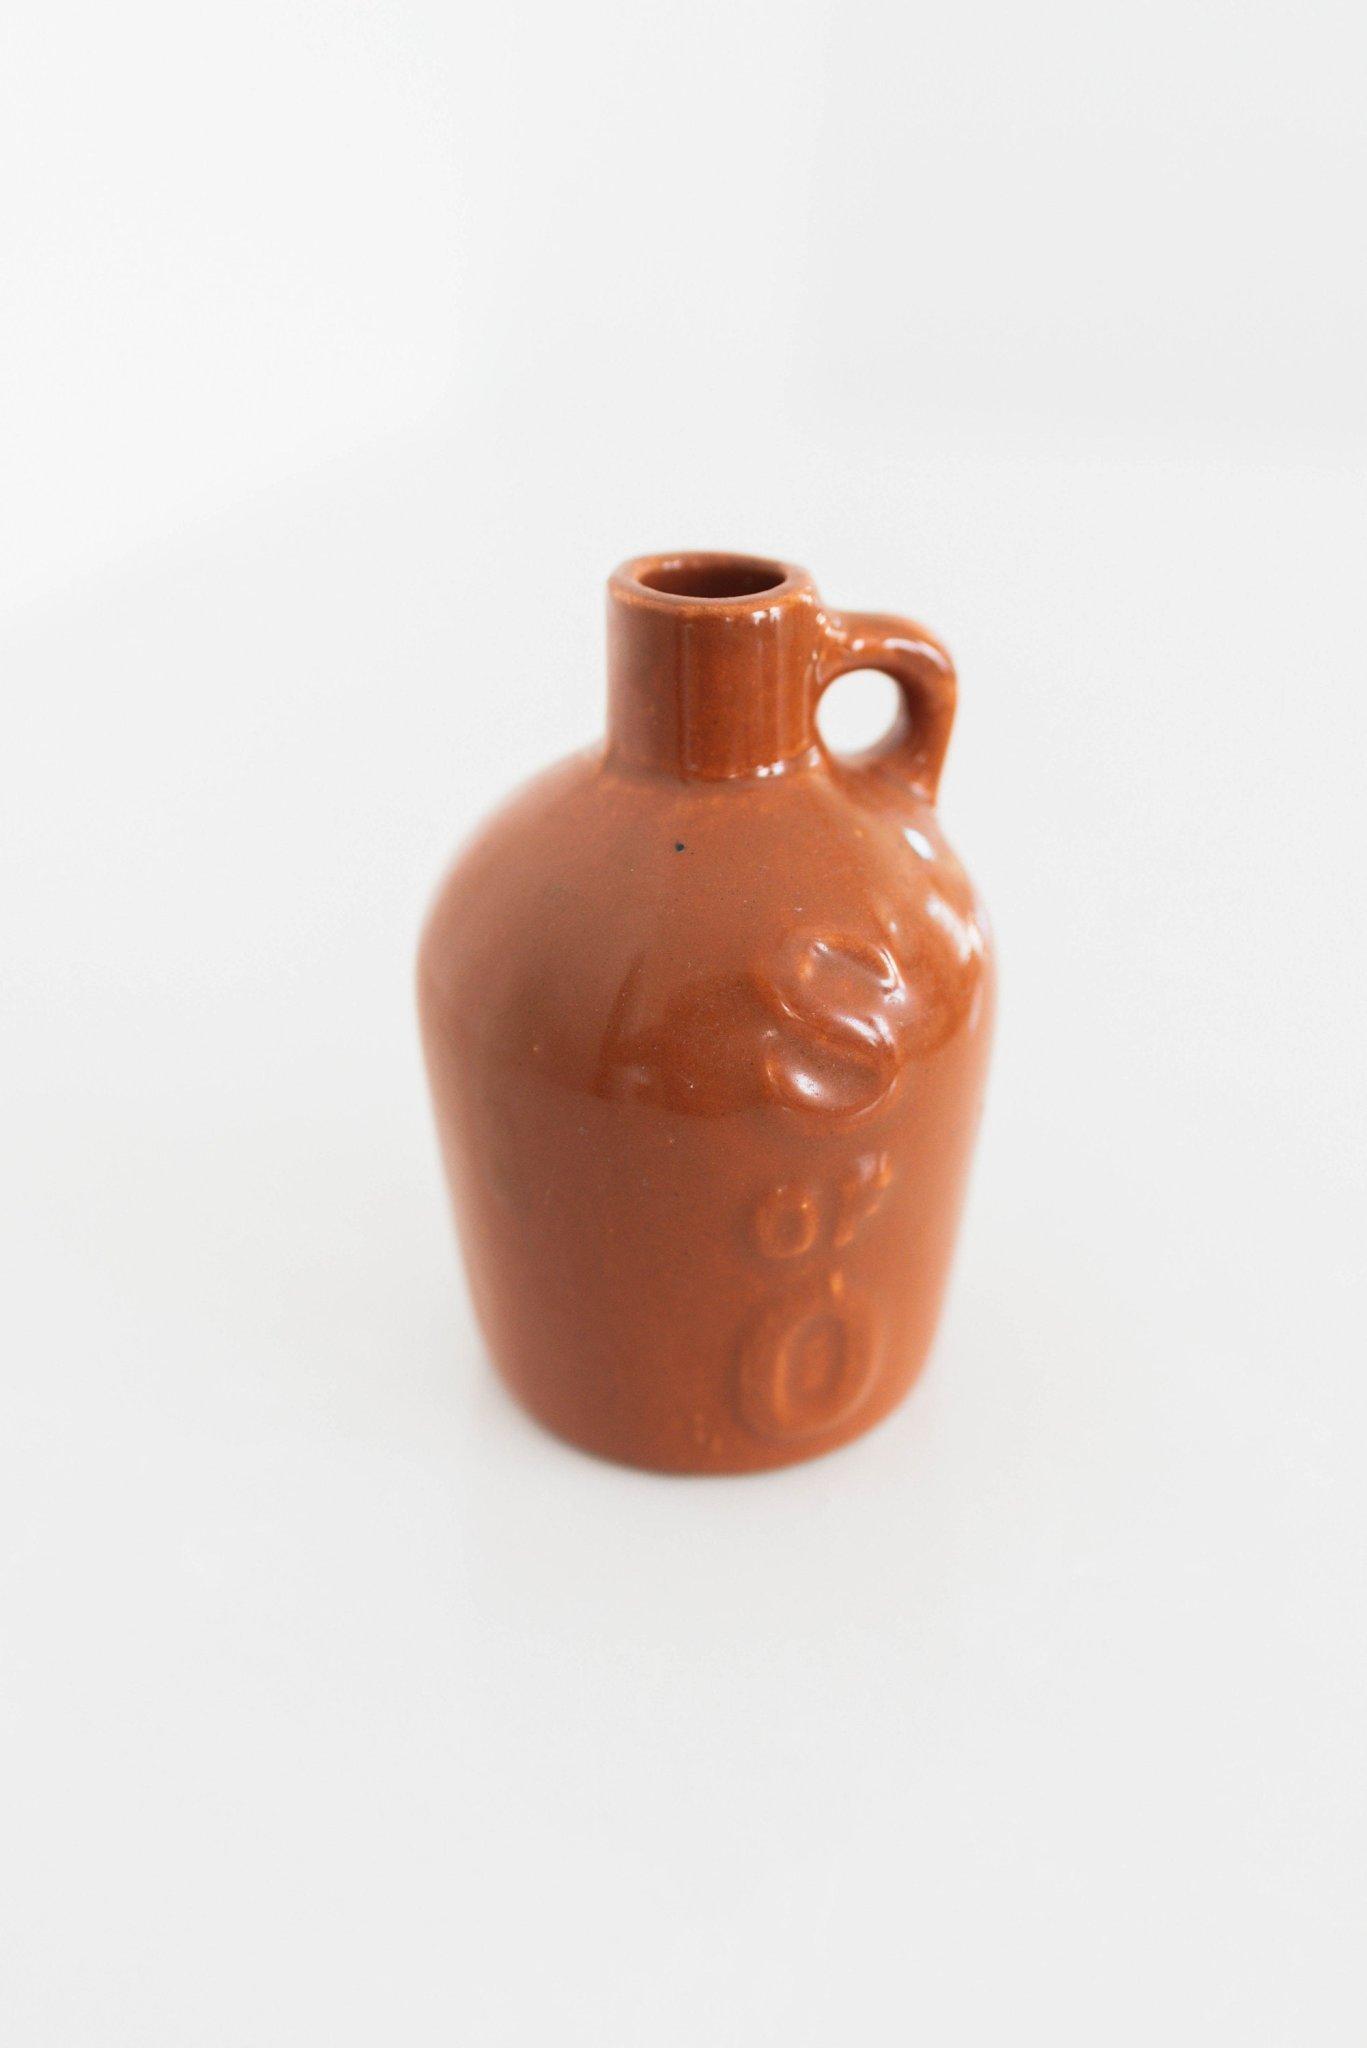 A mini ceramic jug